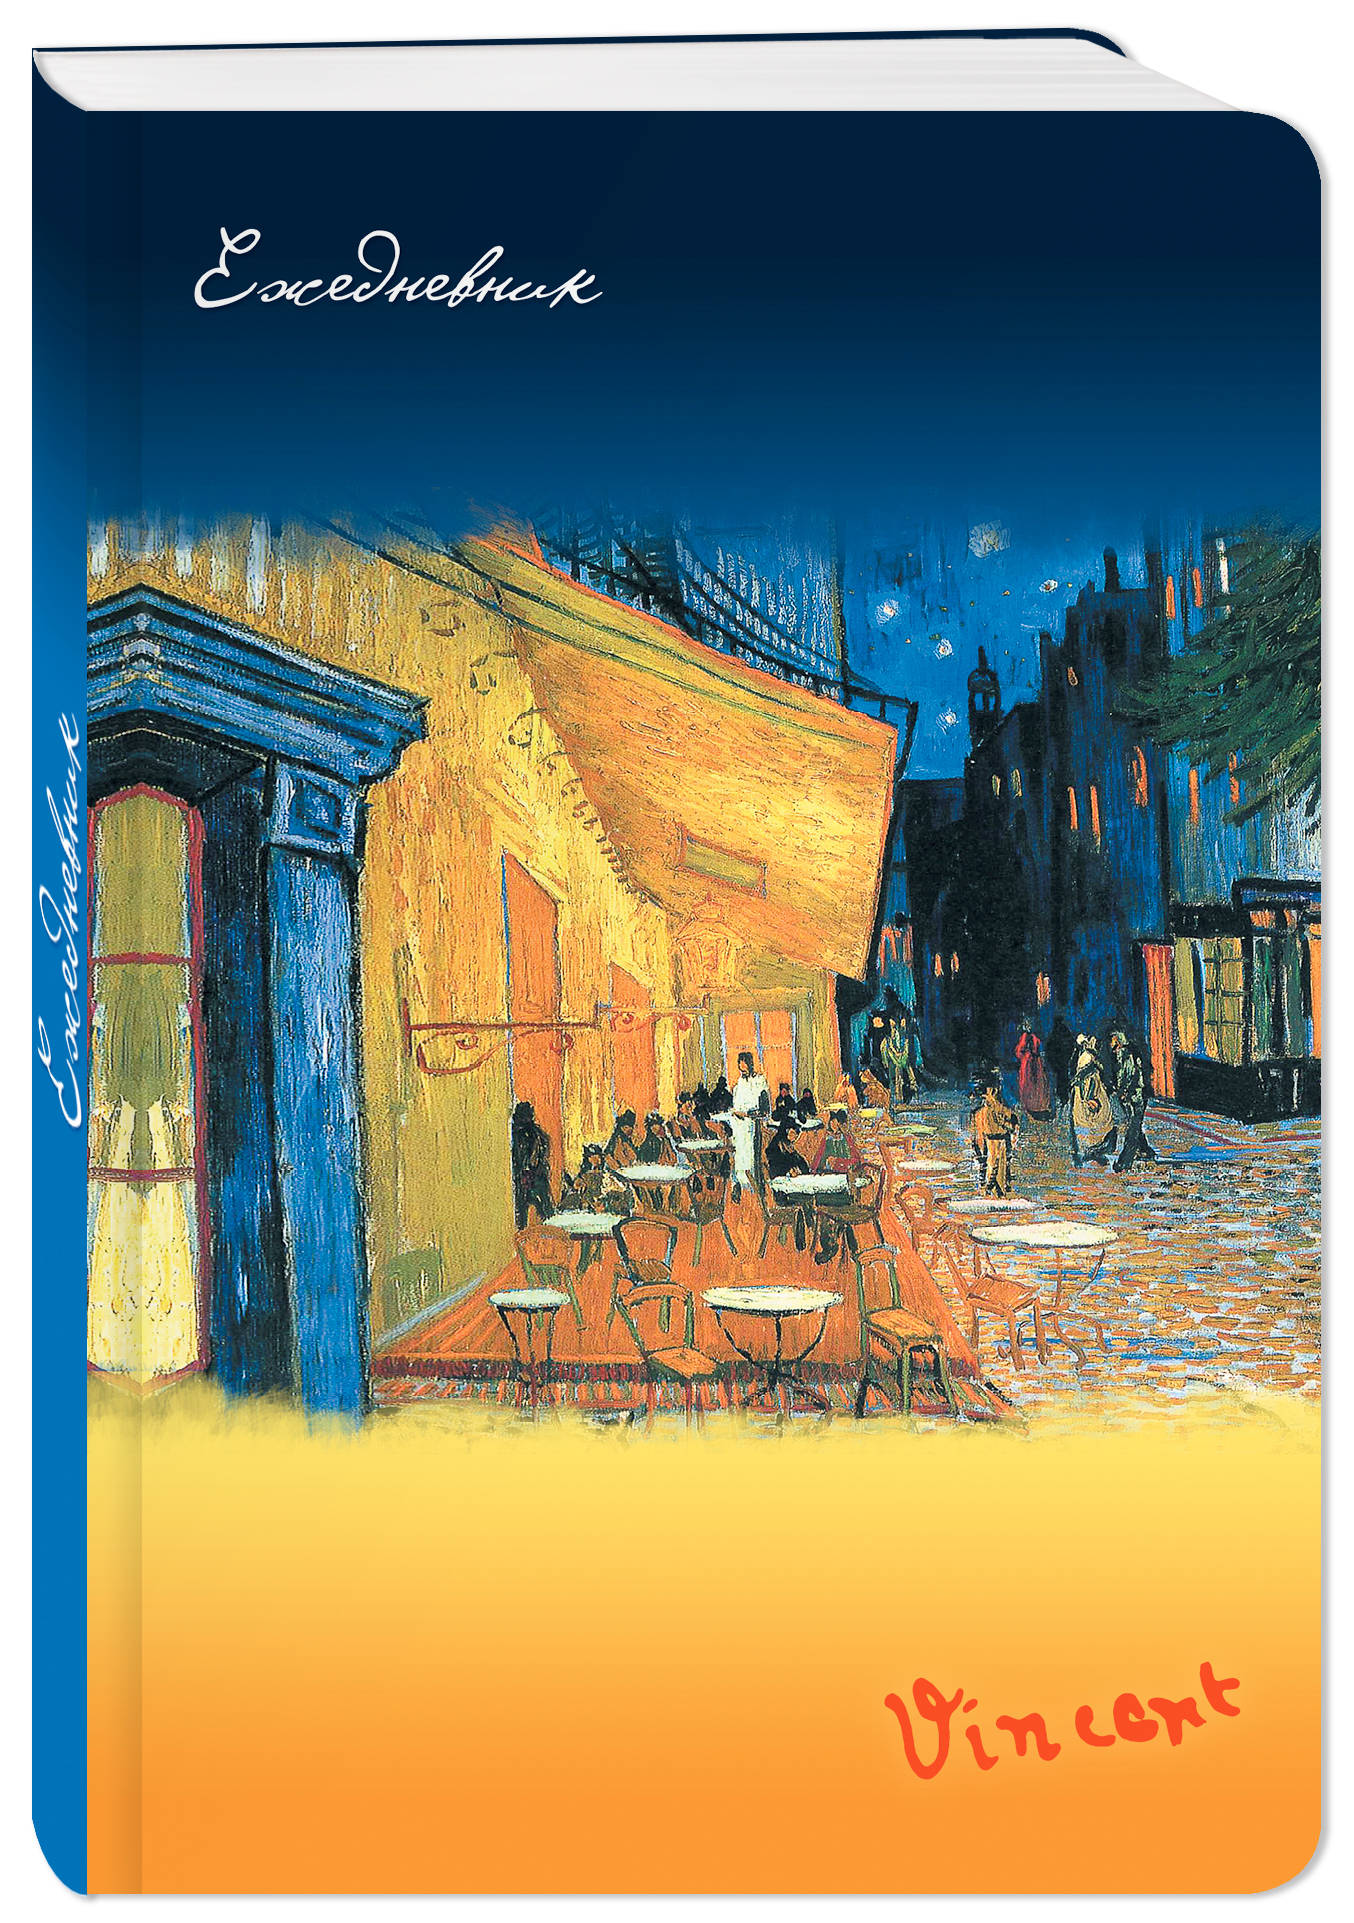 Ежедневник. Ван Гог. Ночное кафе (недатированный) (Арте) блокнот в пластиковой обложке ван гог цветущие ветки миндаля формат малый 64 страницы арте